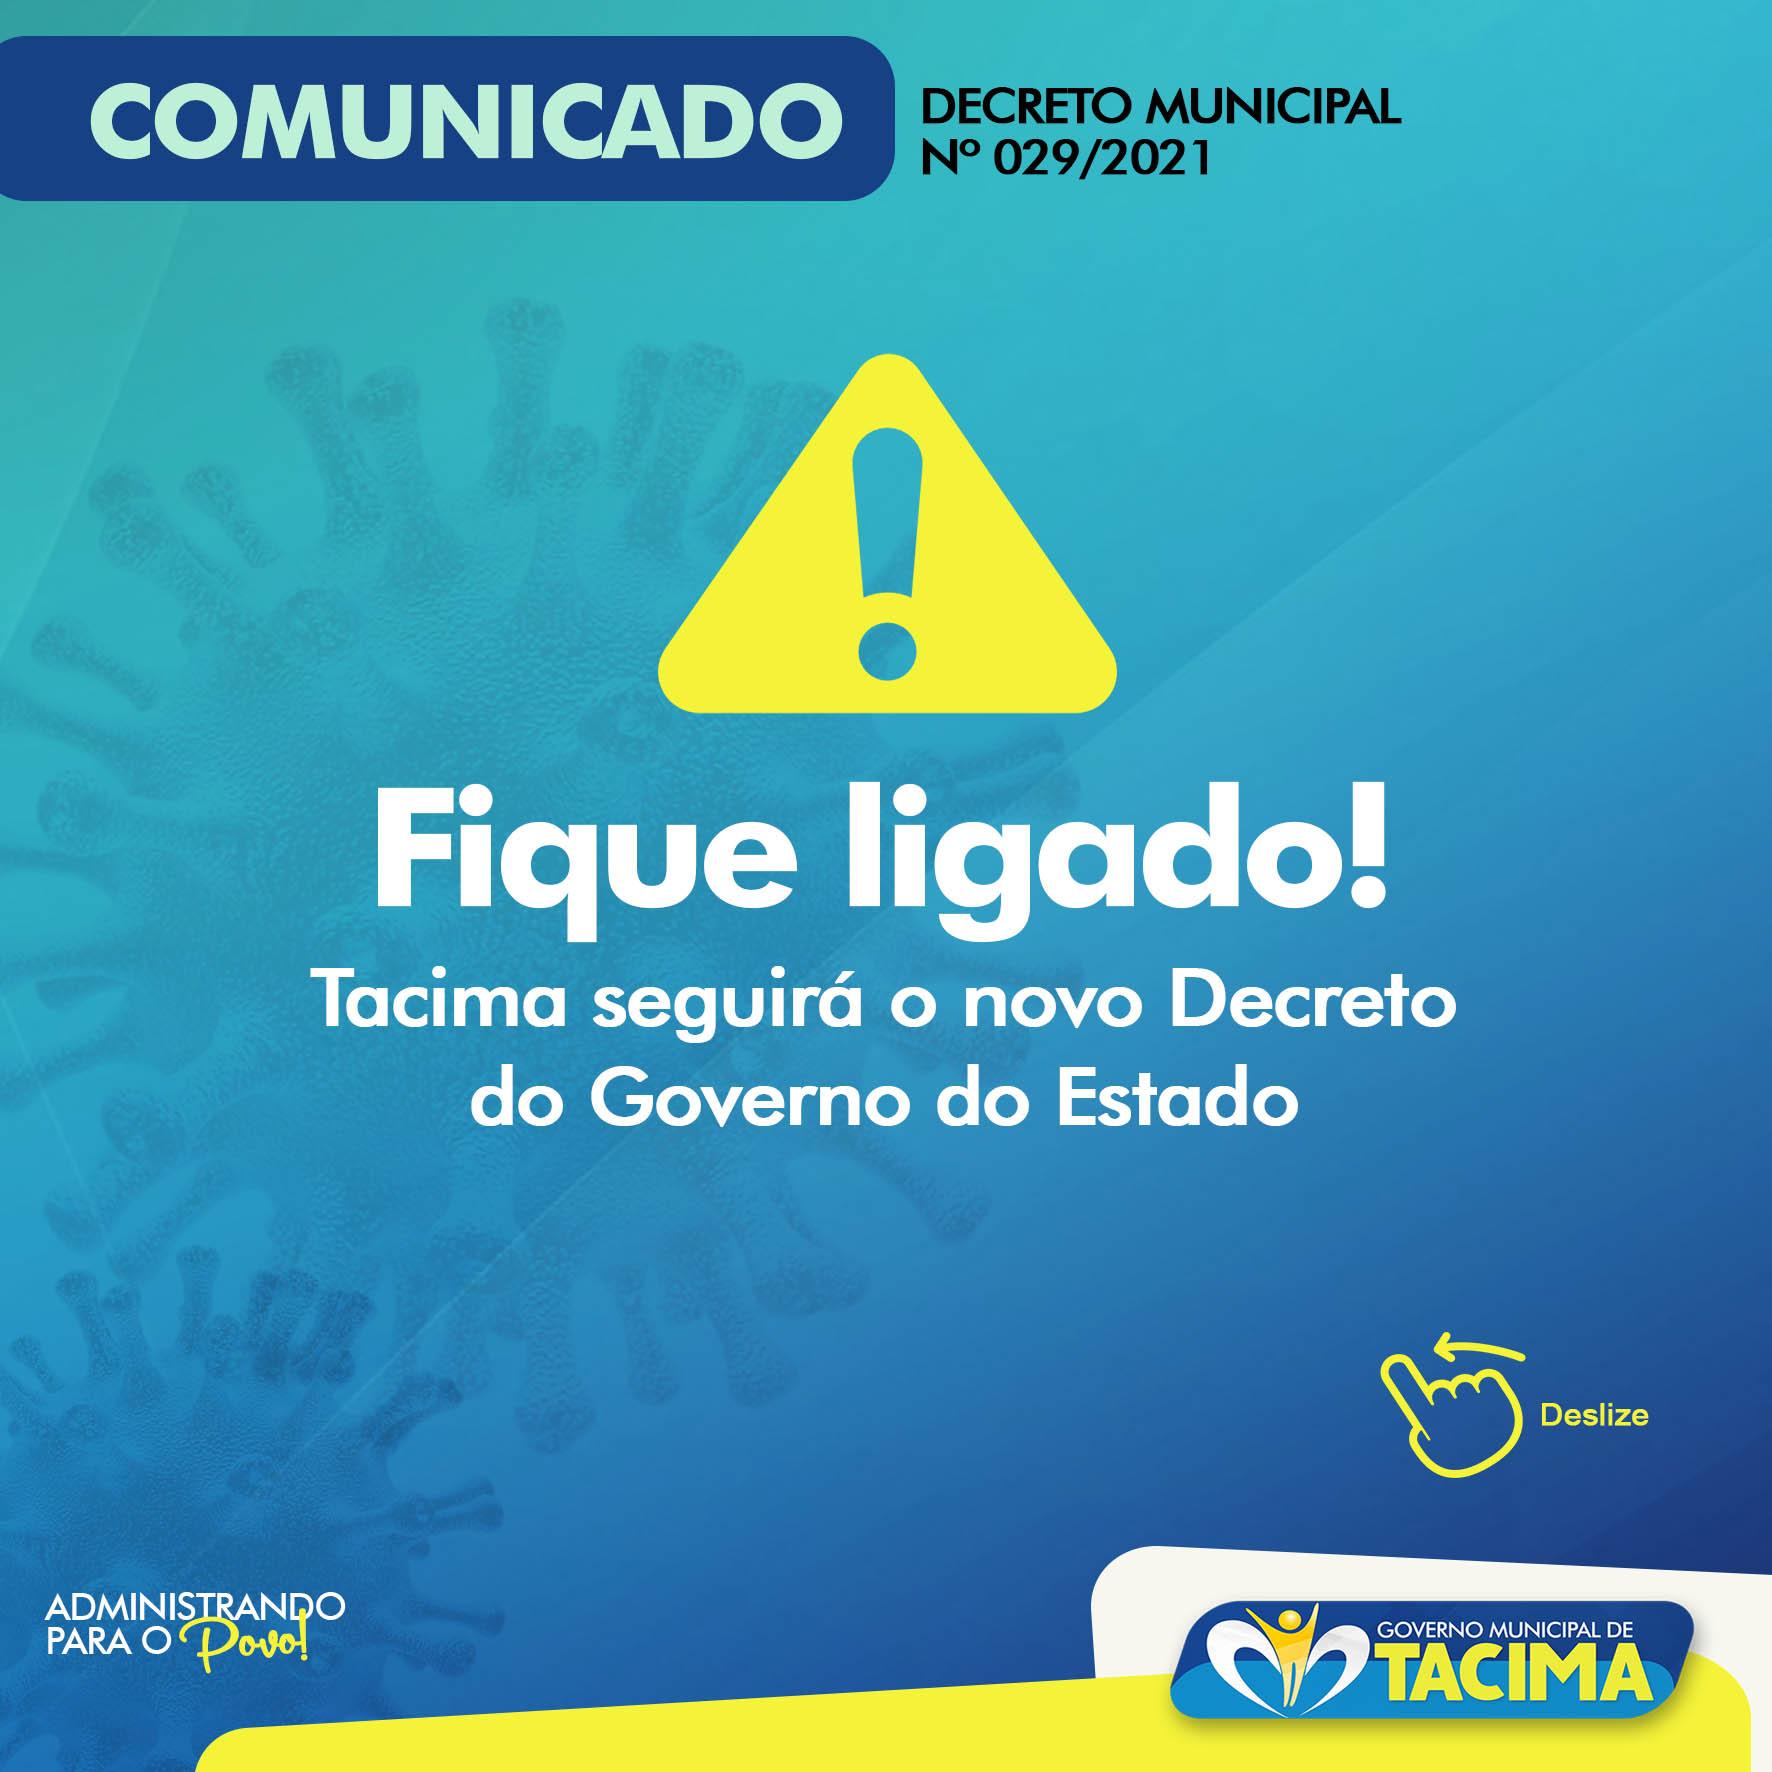 COVID-19: TACIMA SEGUE NOVO DECRETO DO GOVERNO DO ESTADO. SAIBA MAIS!